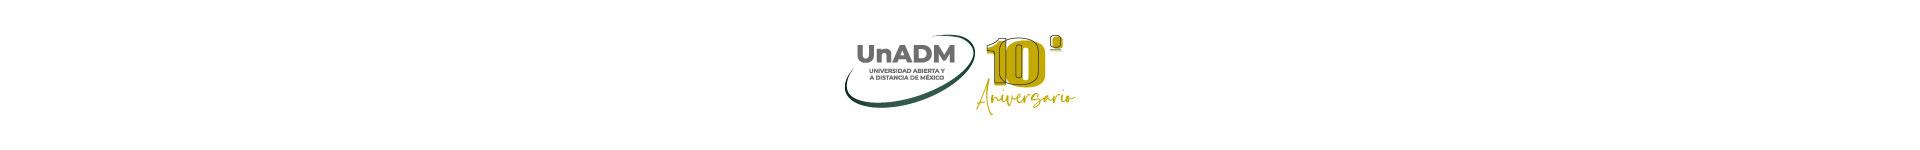 Portal Universitario UnADM